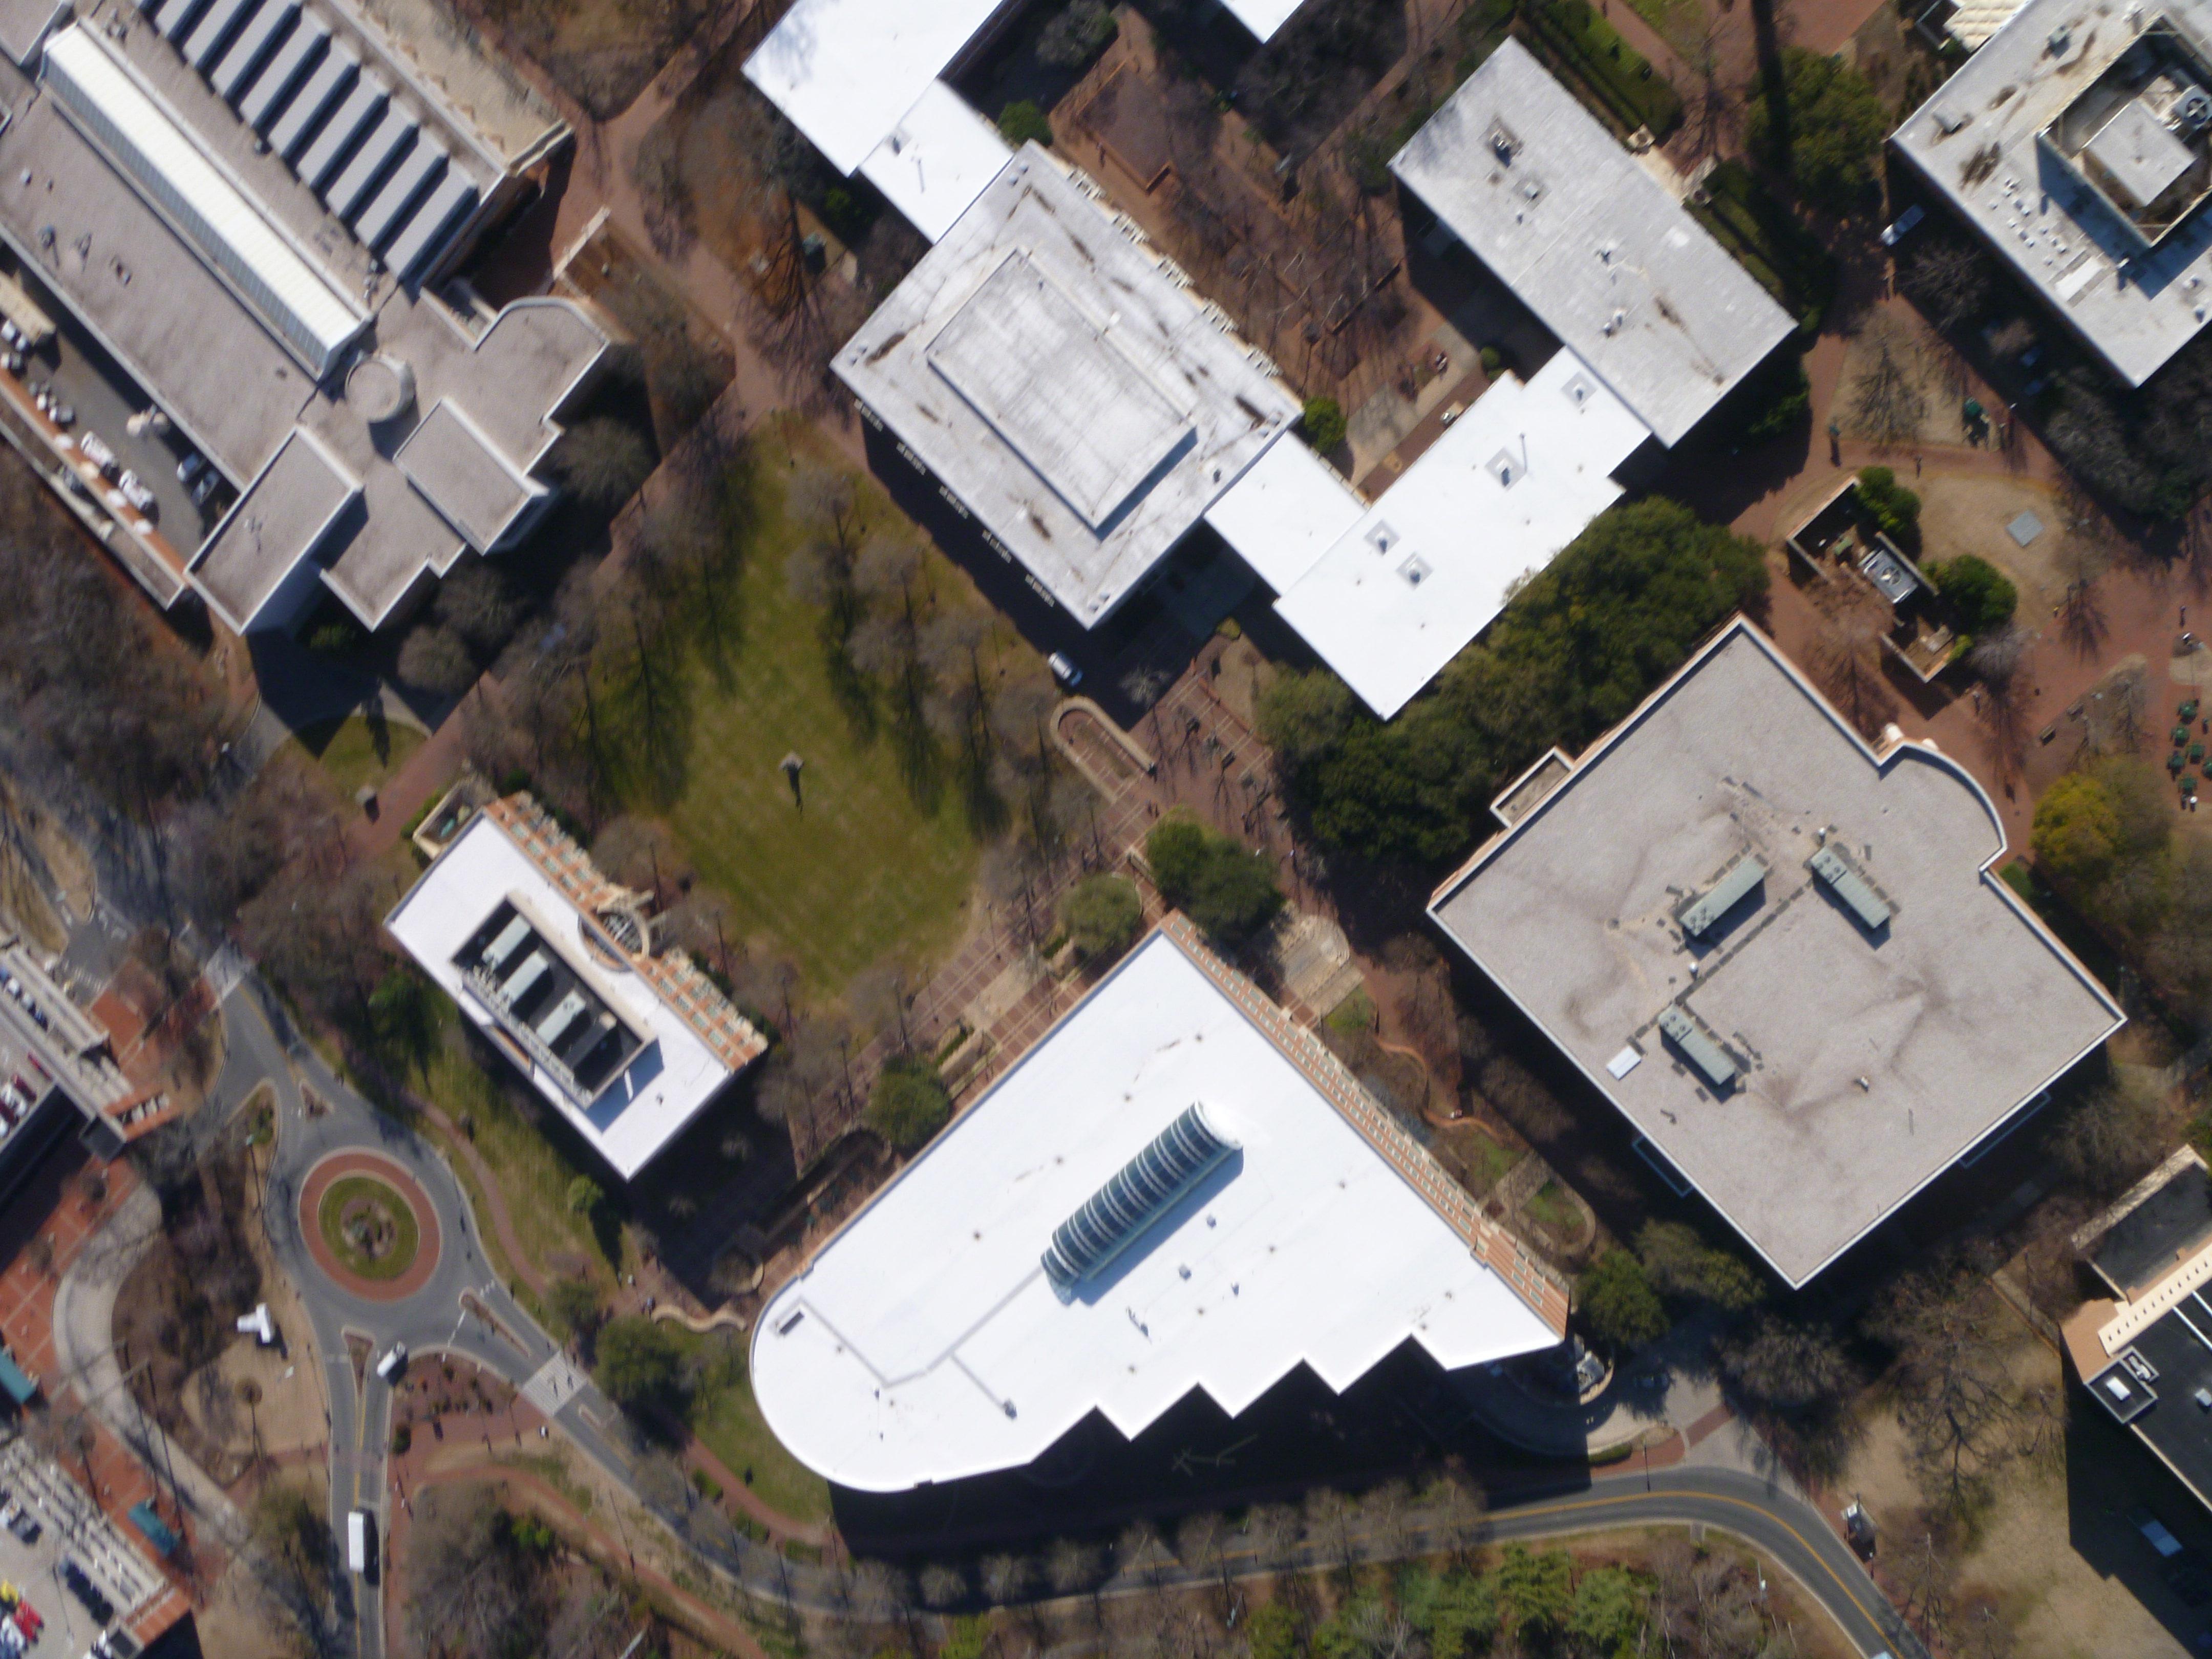 UNCC Campus map